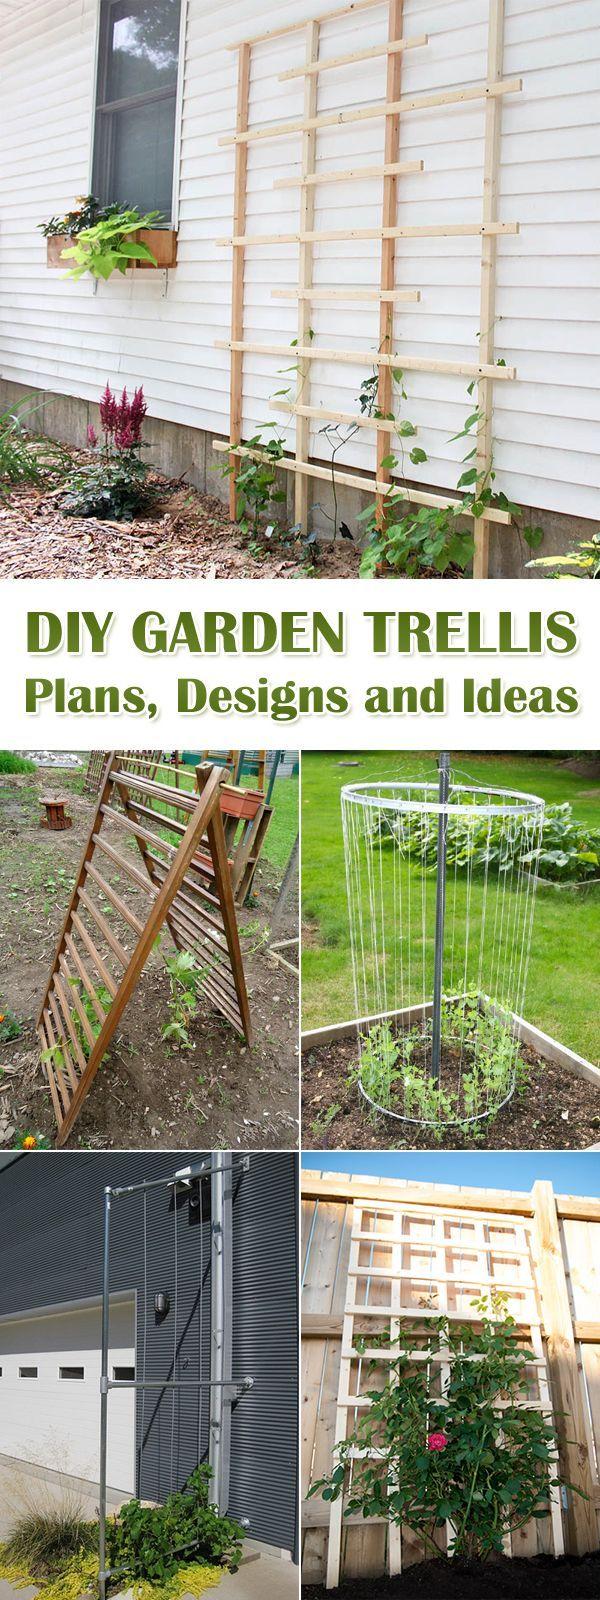 98 besten DIY Garden Trellis Bilder auf Pinterest | Balkongarten ...